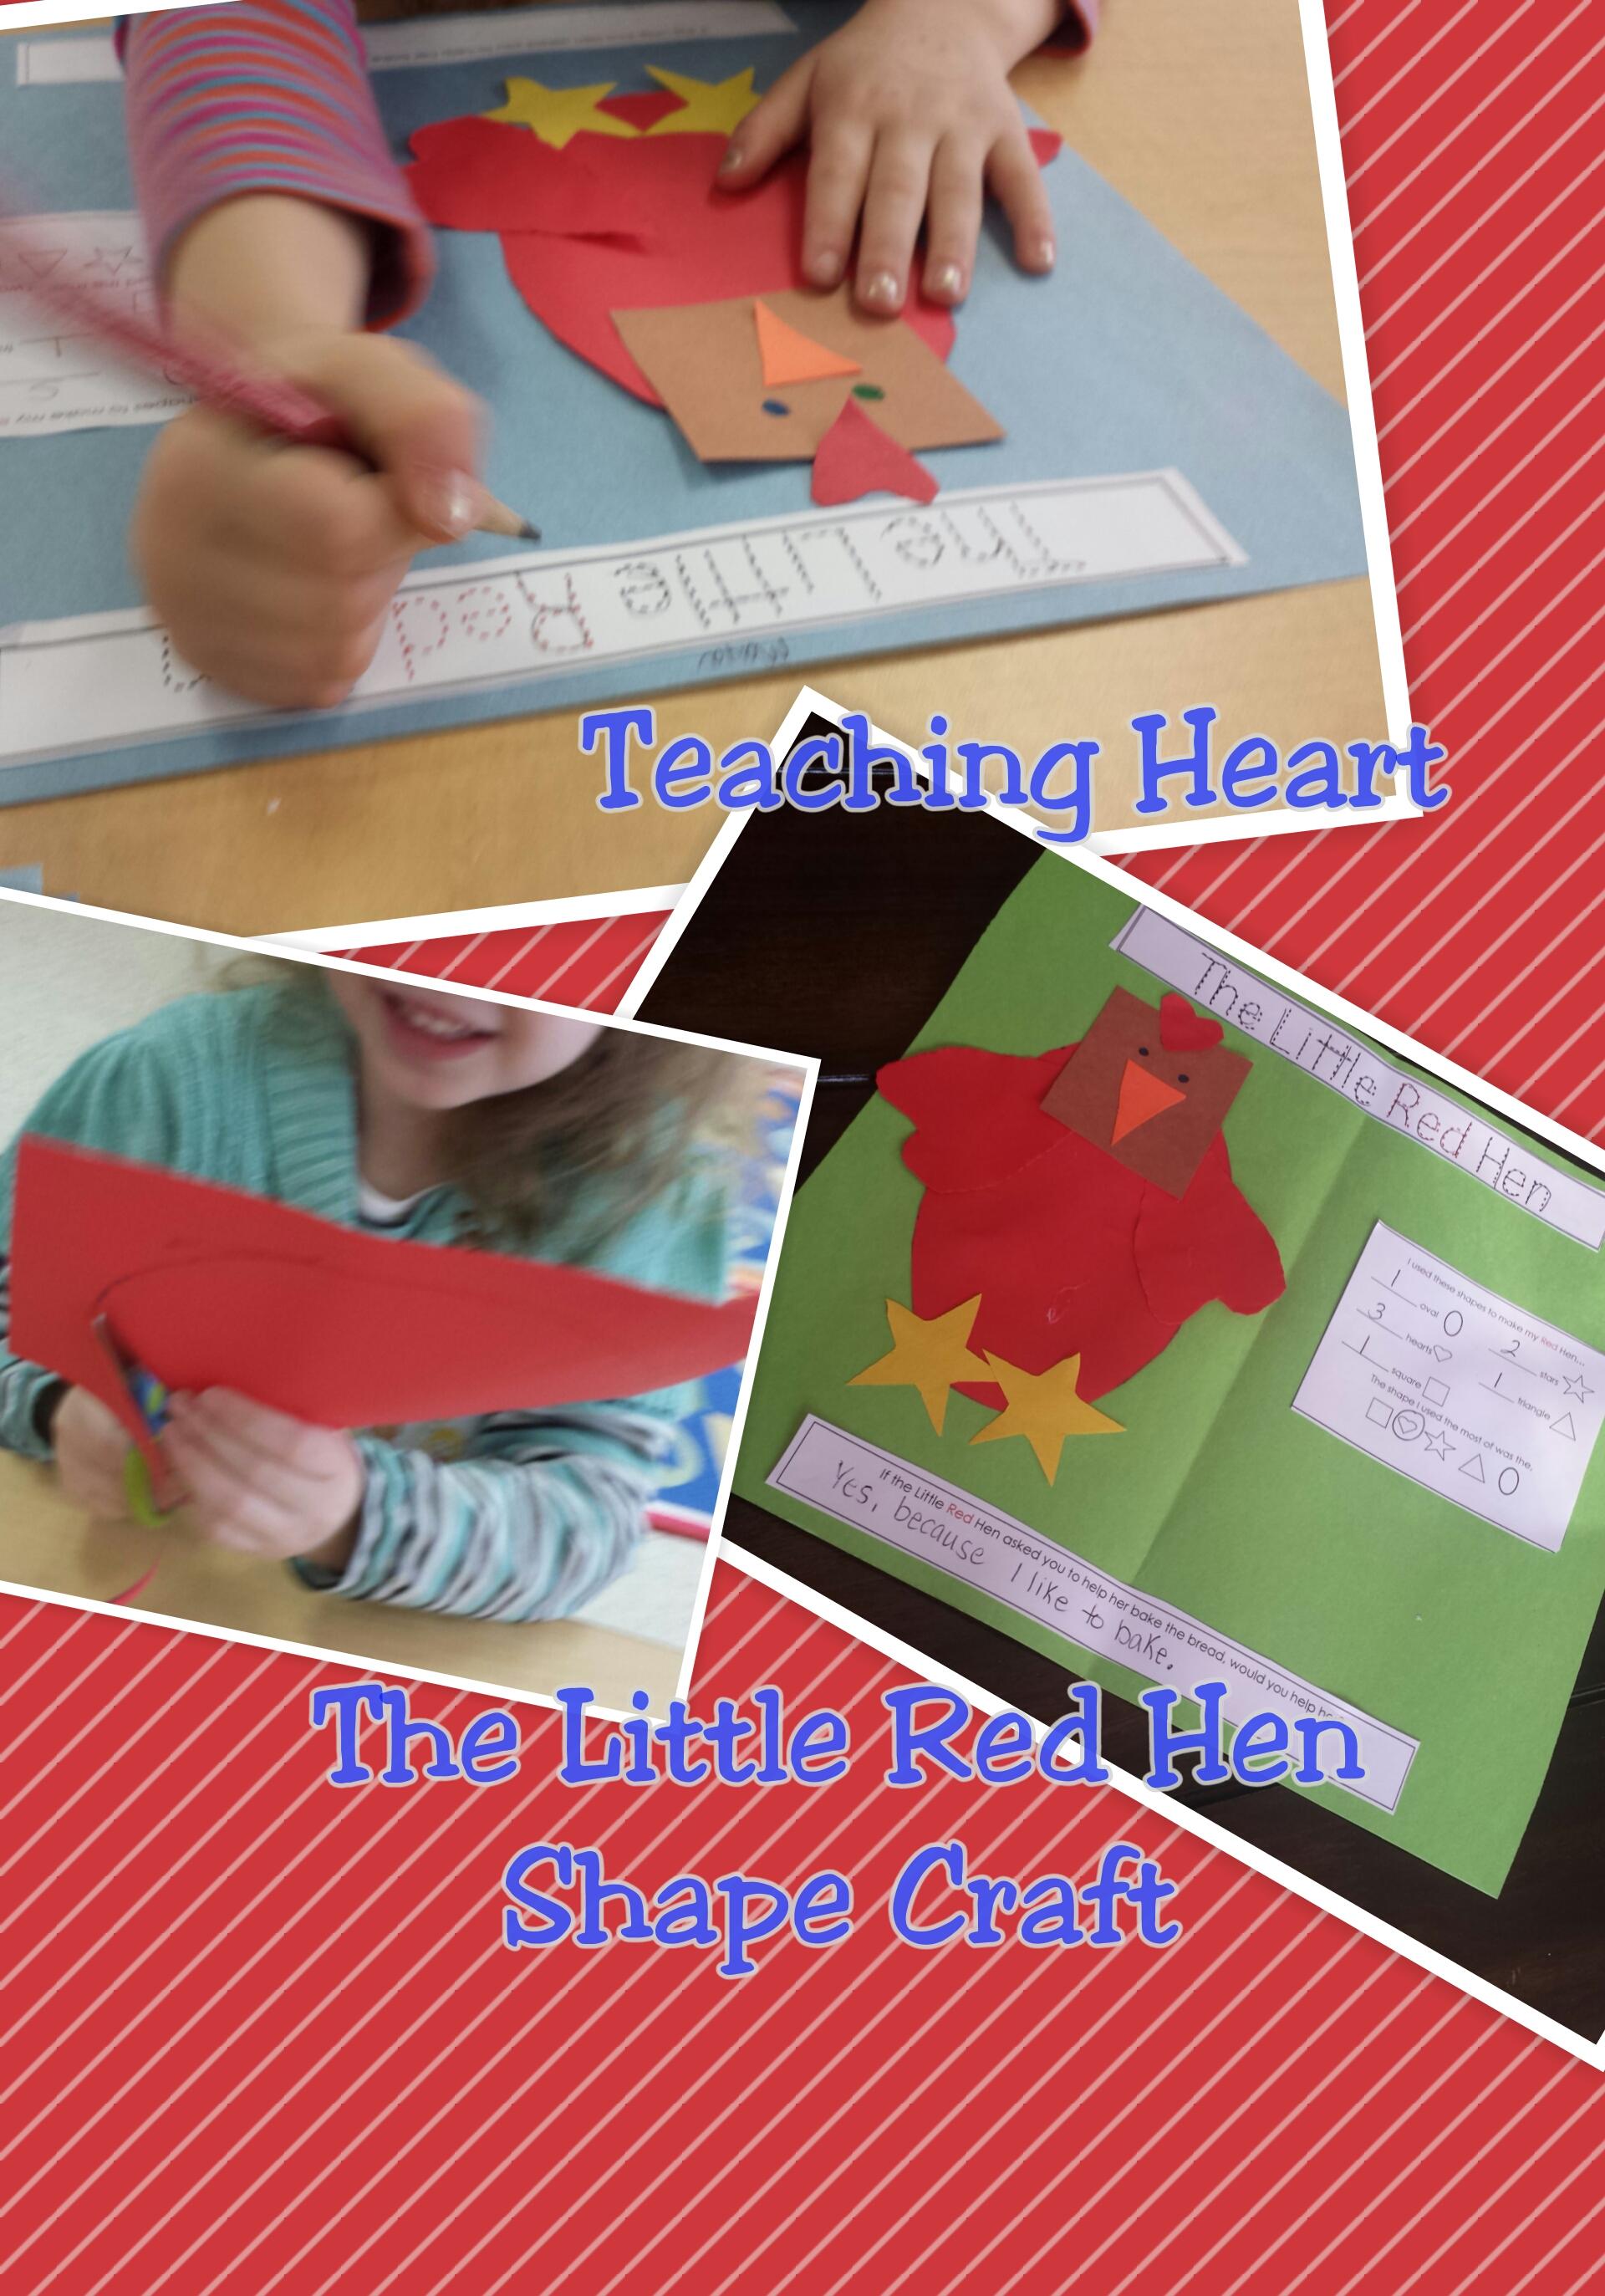 The Little Red Hen Teaching Heart Blog